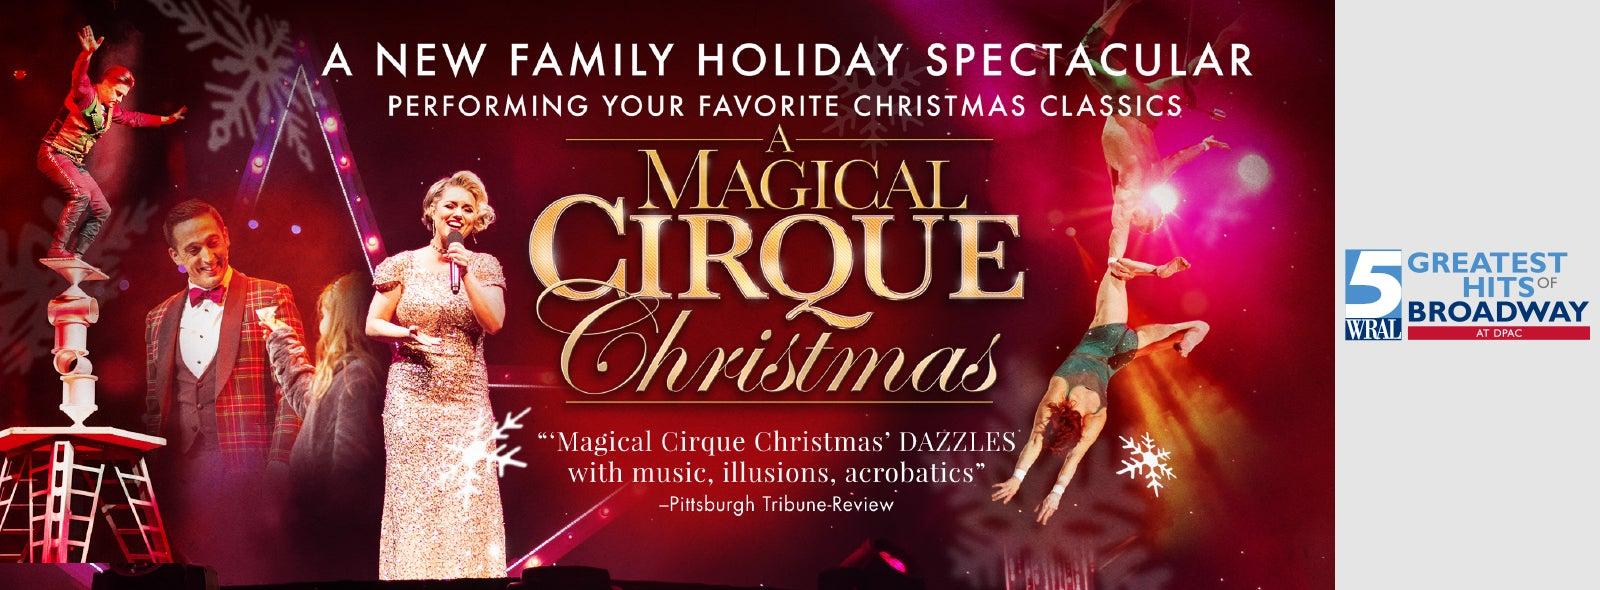 A Magical Cirque Christmas 1600x590